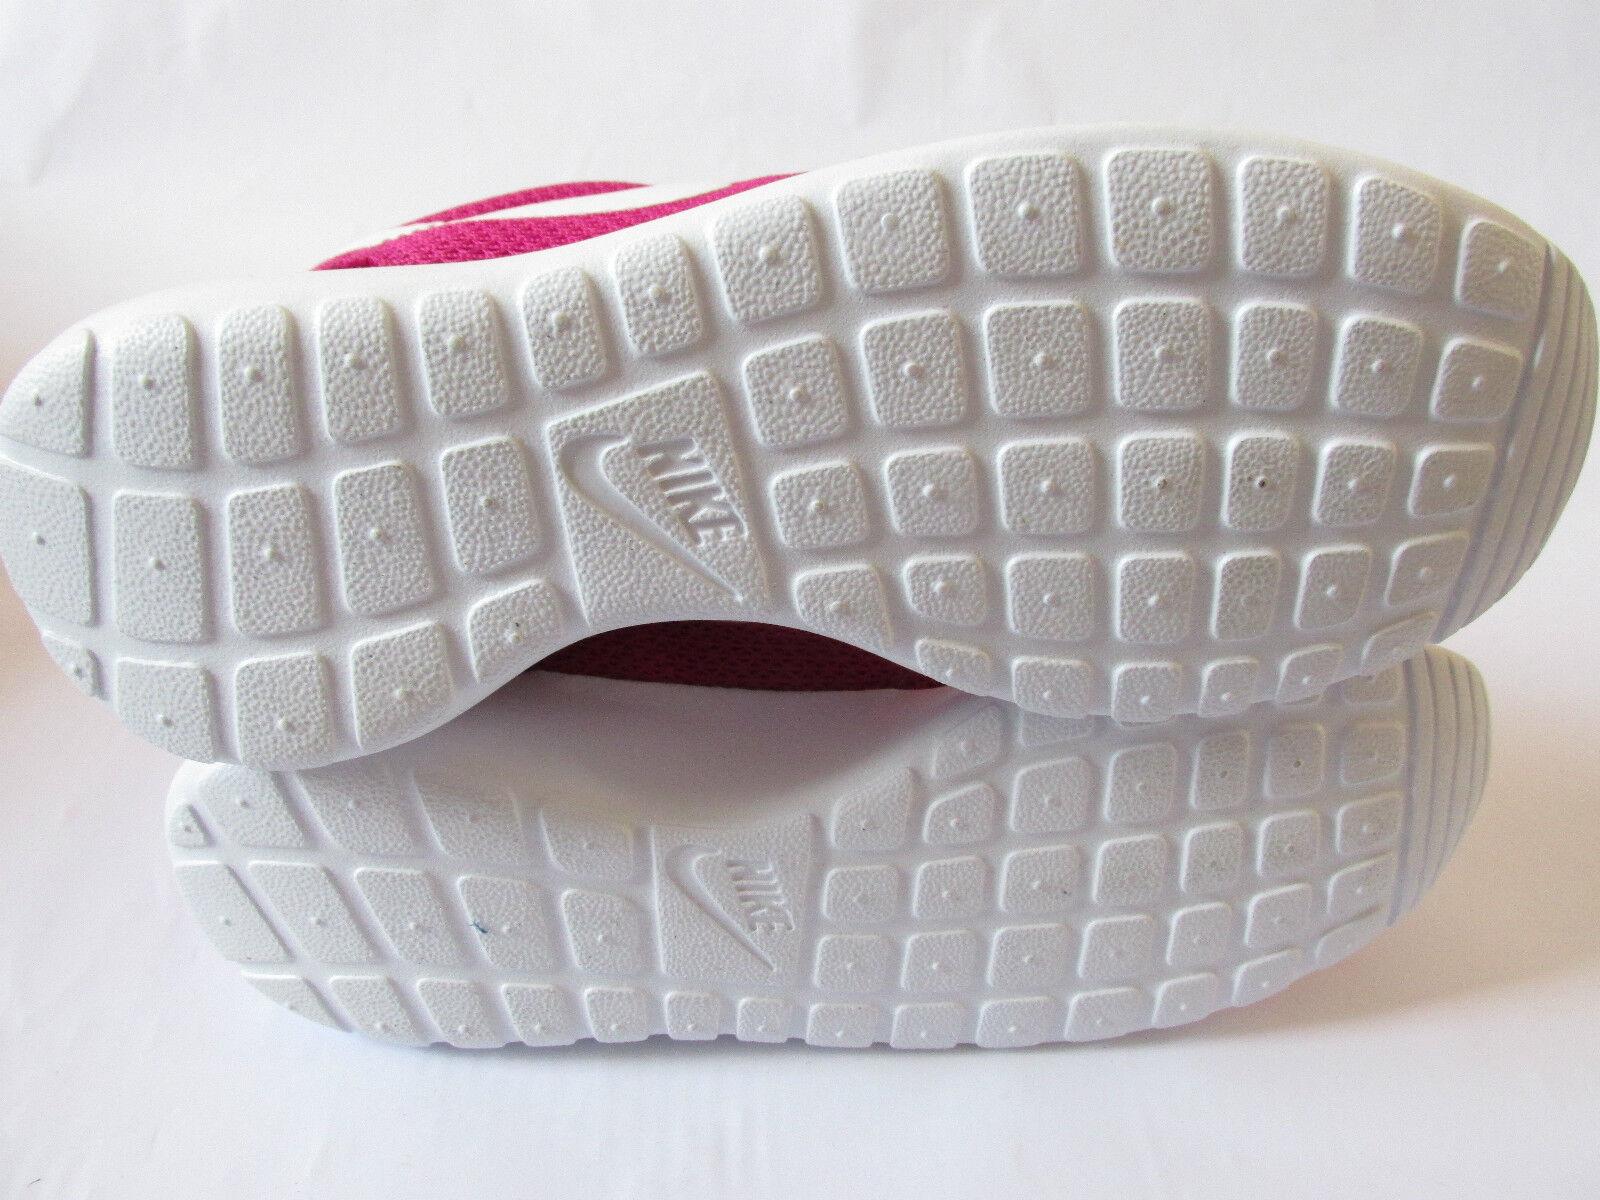 Nike 616841 ID rosherun Damenss trainers 616841 Nike 992 uk 5.5 us 8 eu 39 Turnschuhe 98f2c4